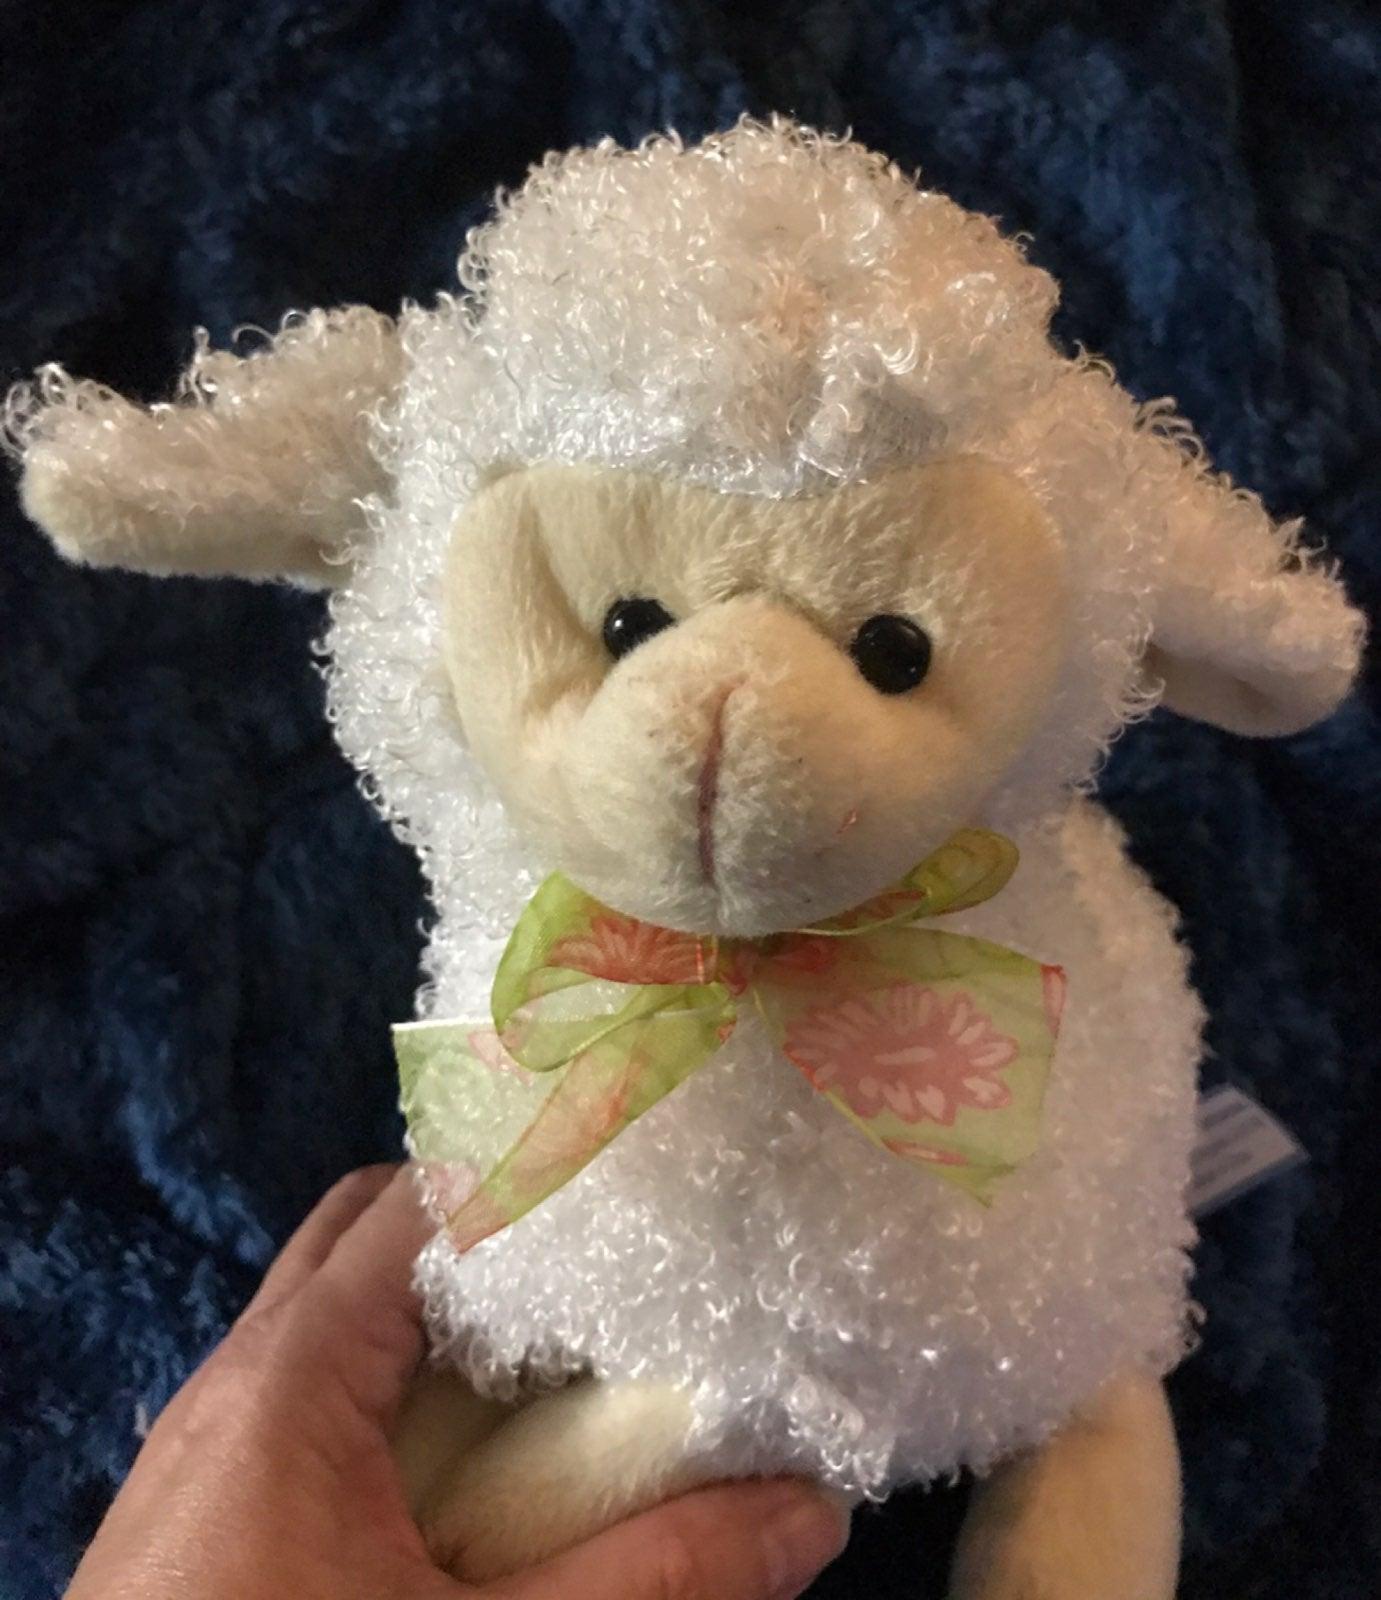 lamb toy hands